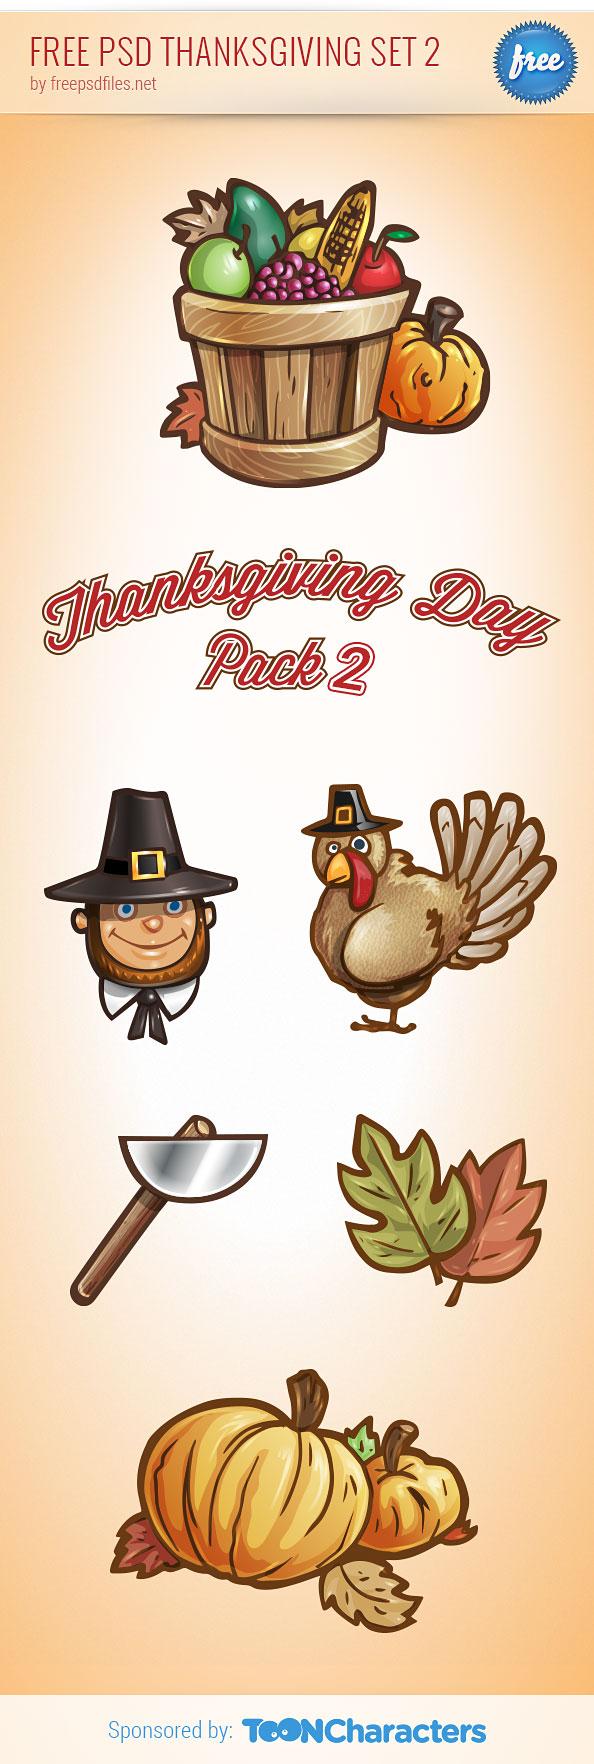 Free PSD Thanksgiving Set